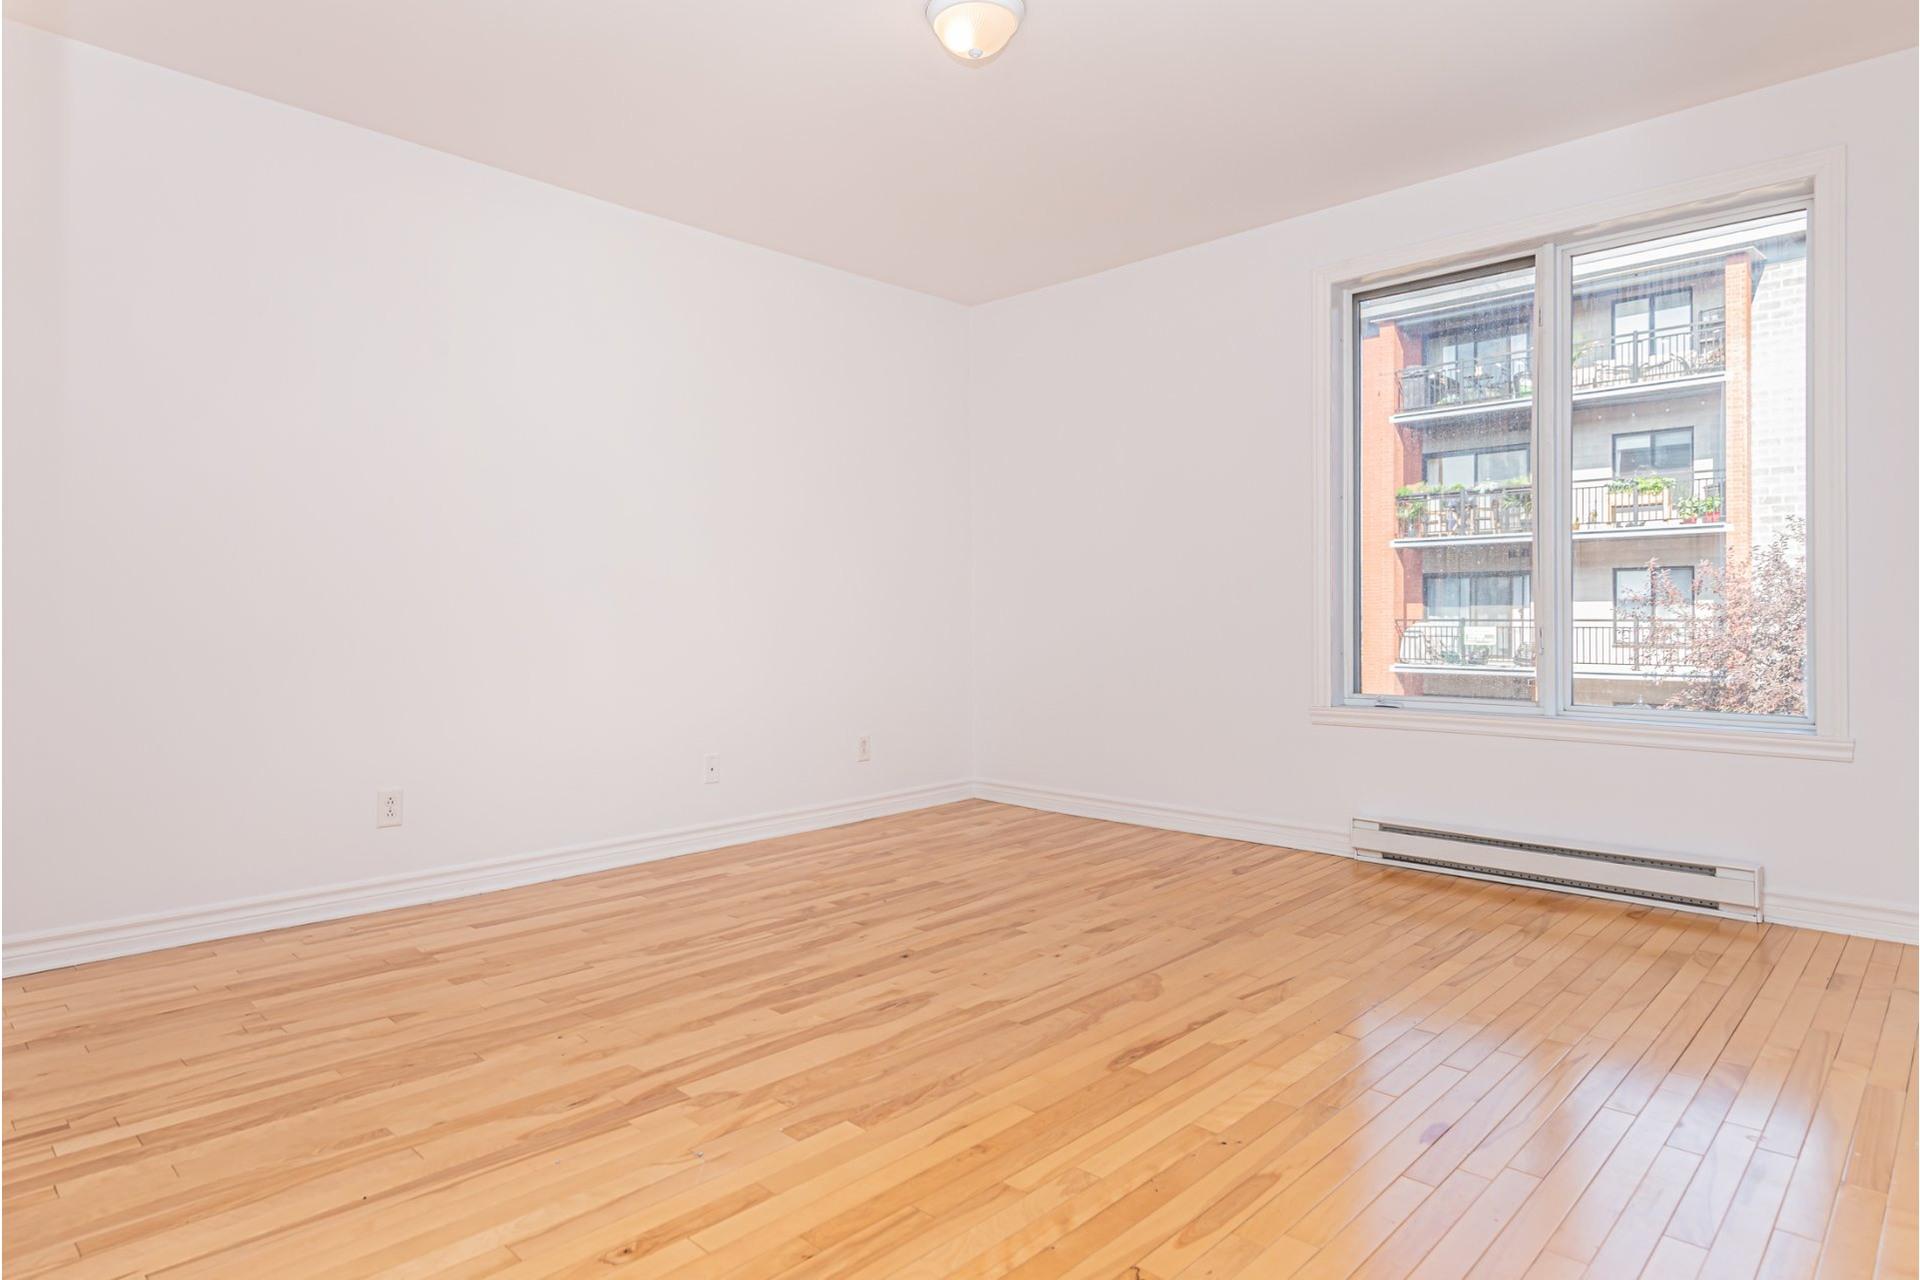 image 15 - Appartement À vendre Mercier/Hochelaga-Maisonneuve Montréal  - 4 pièces